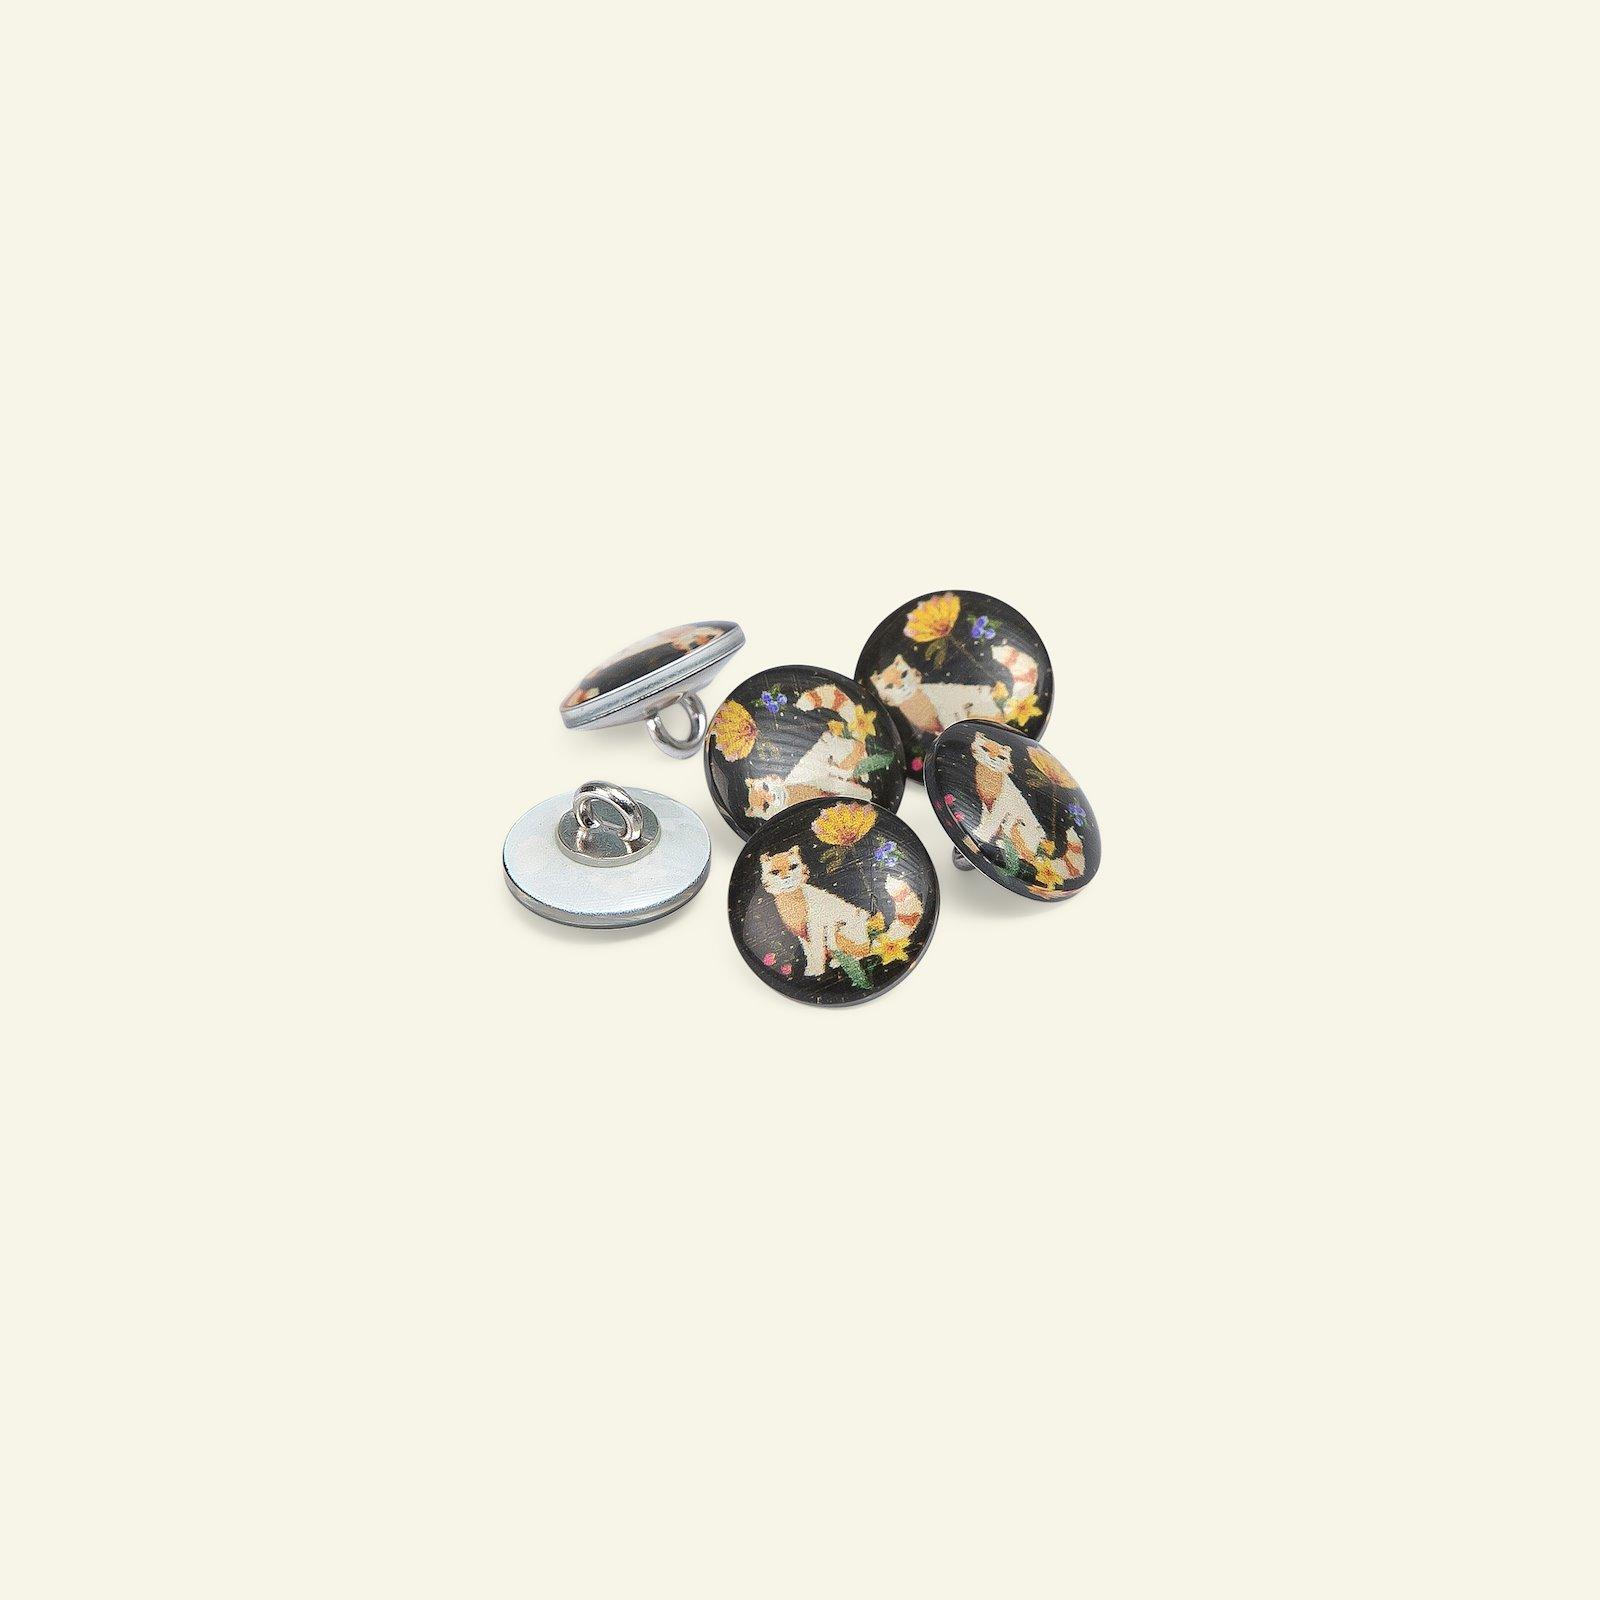 Shank button 15mm cat 6pcs 40591_pack